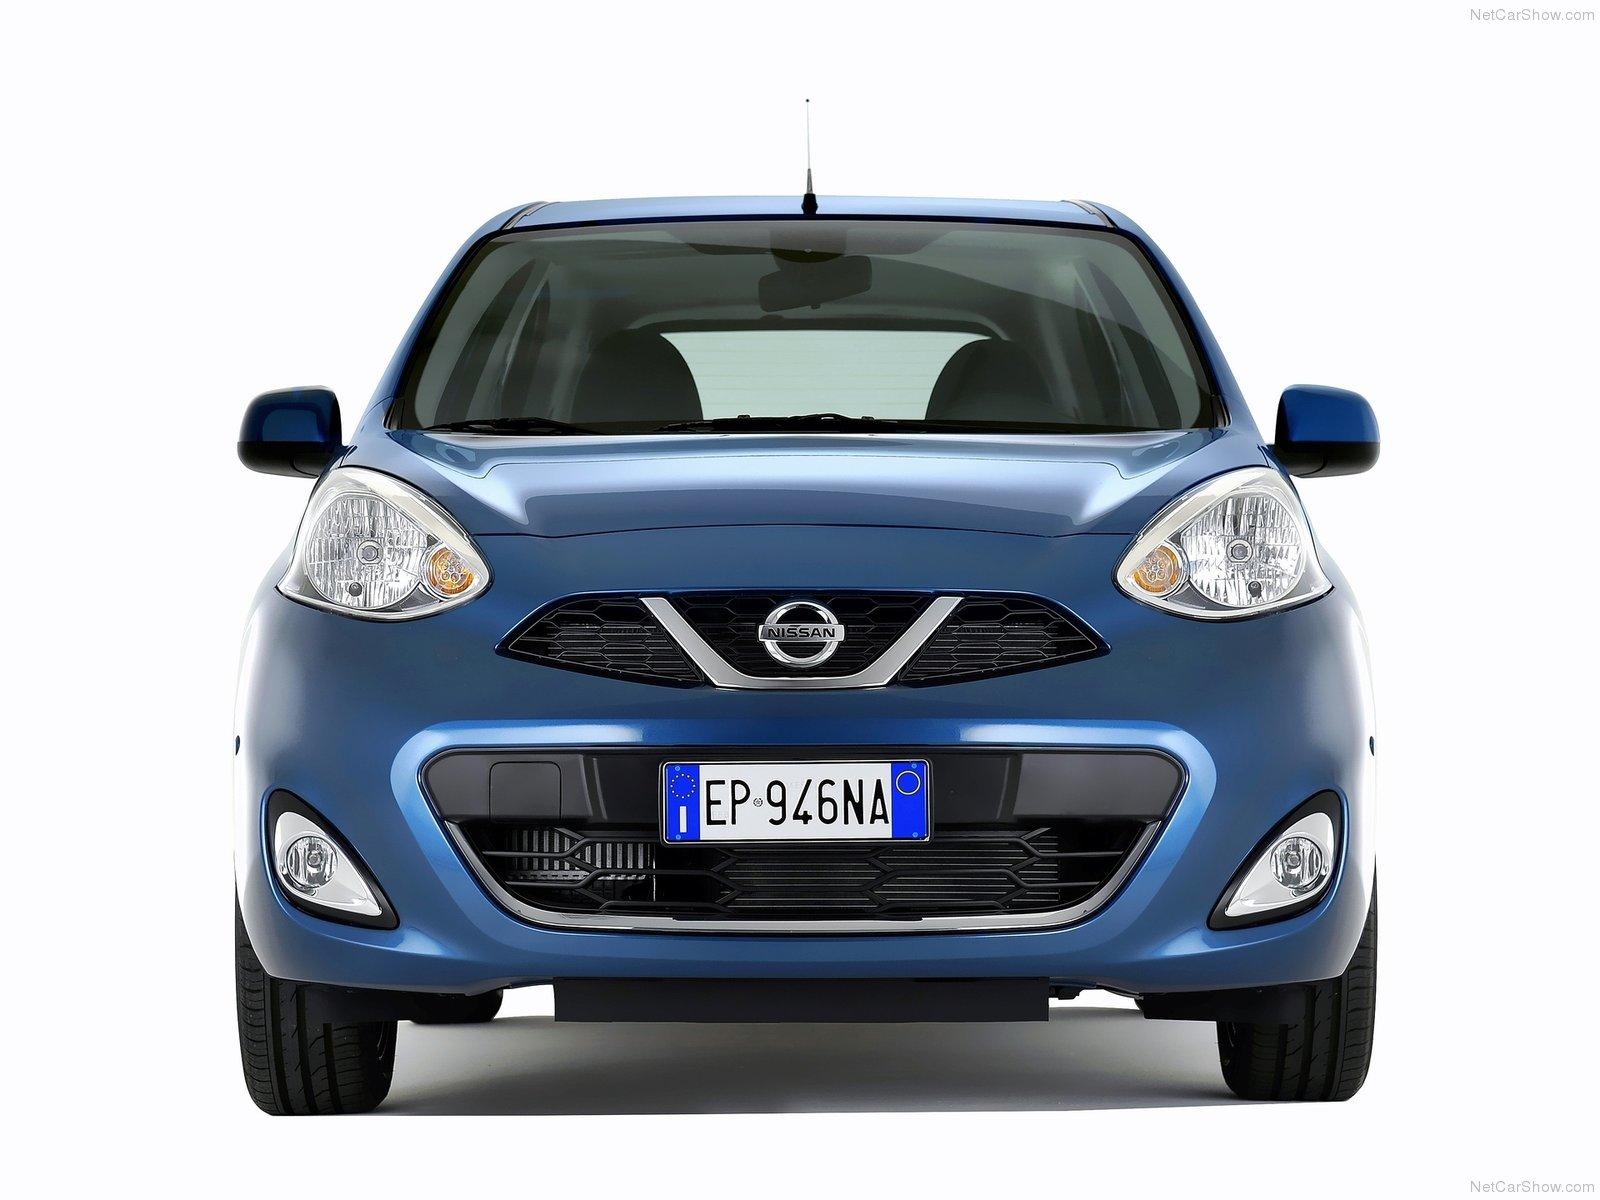 2014 Nissan Micra | New Nissan Micra | Nissan Micra (2014) | New Nissan Micra Facelift | new Micra | way2speed.com | Nissan Micra 2014